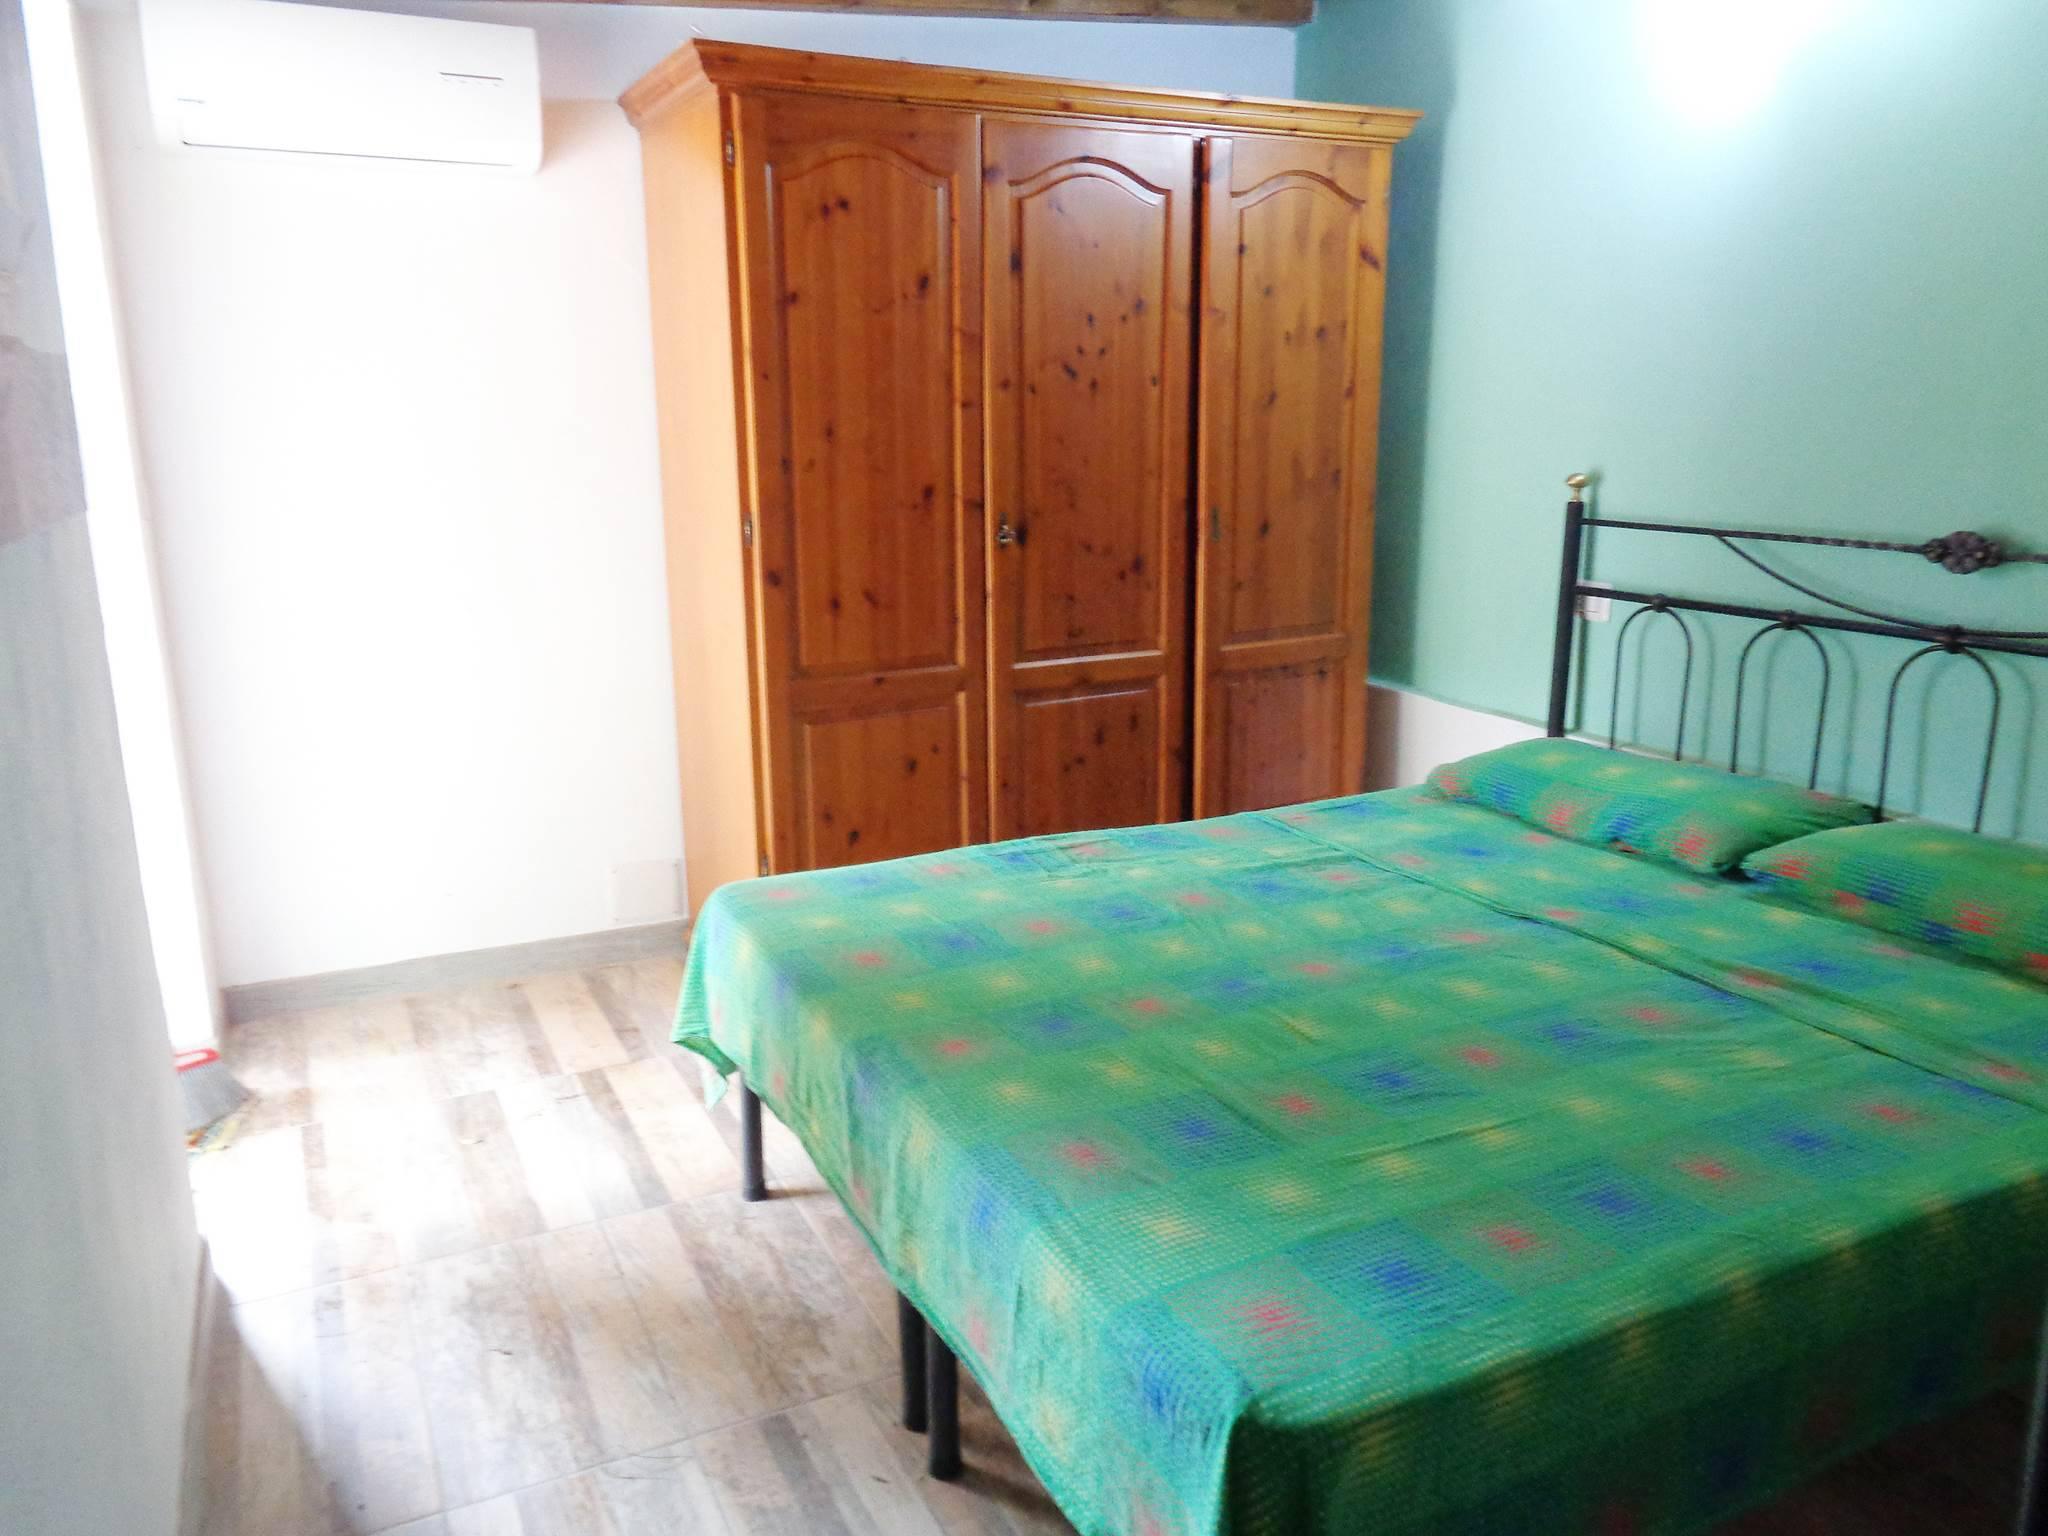 Sardinien ferienhaus direkt am meer von porto pino italie for Sardinien ferienhaus am meer